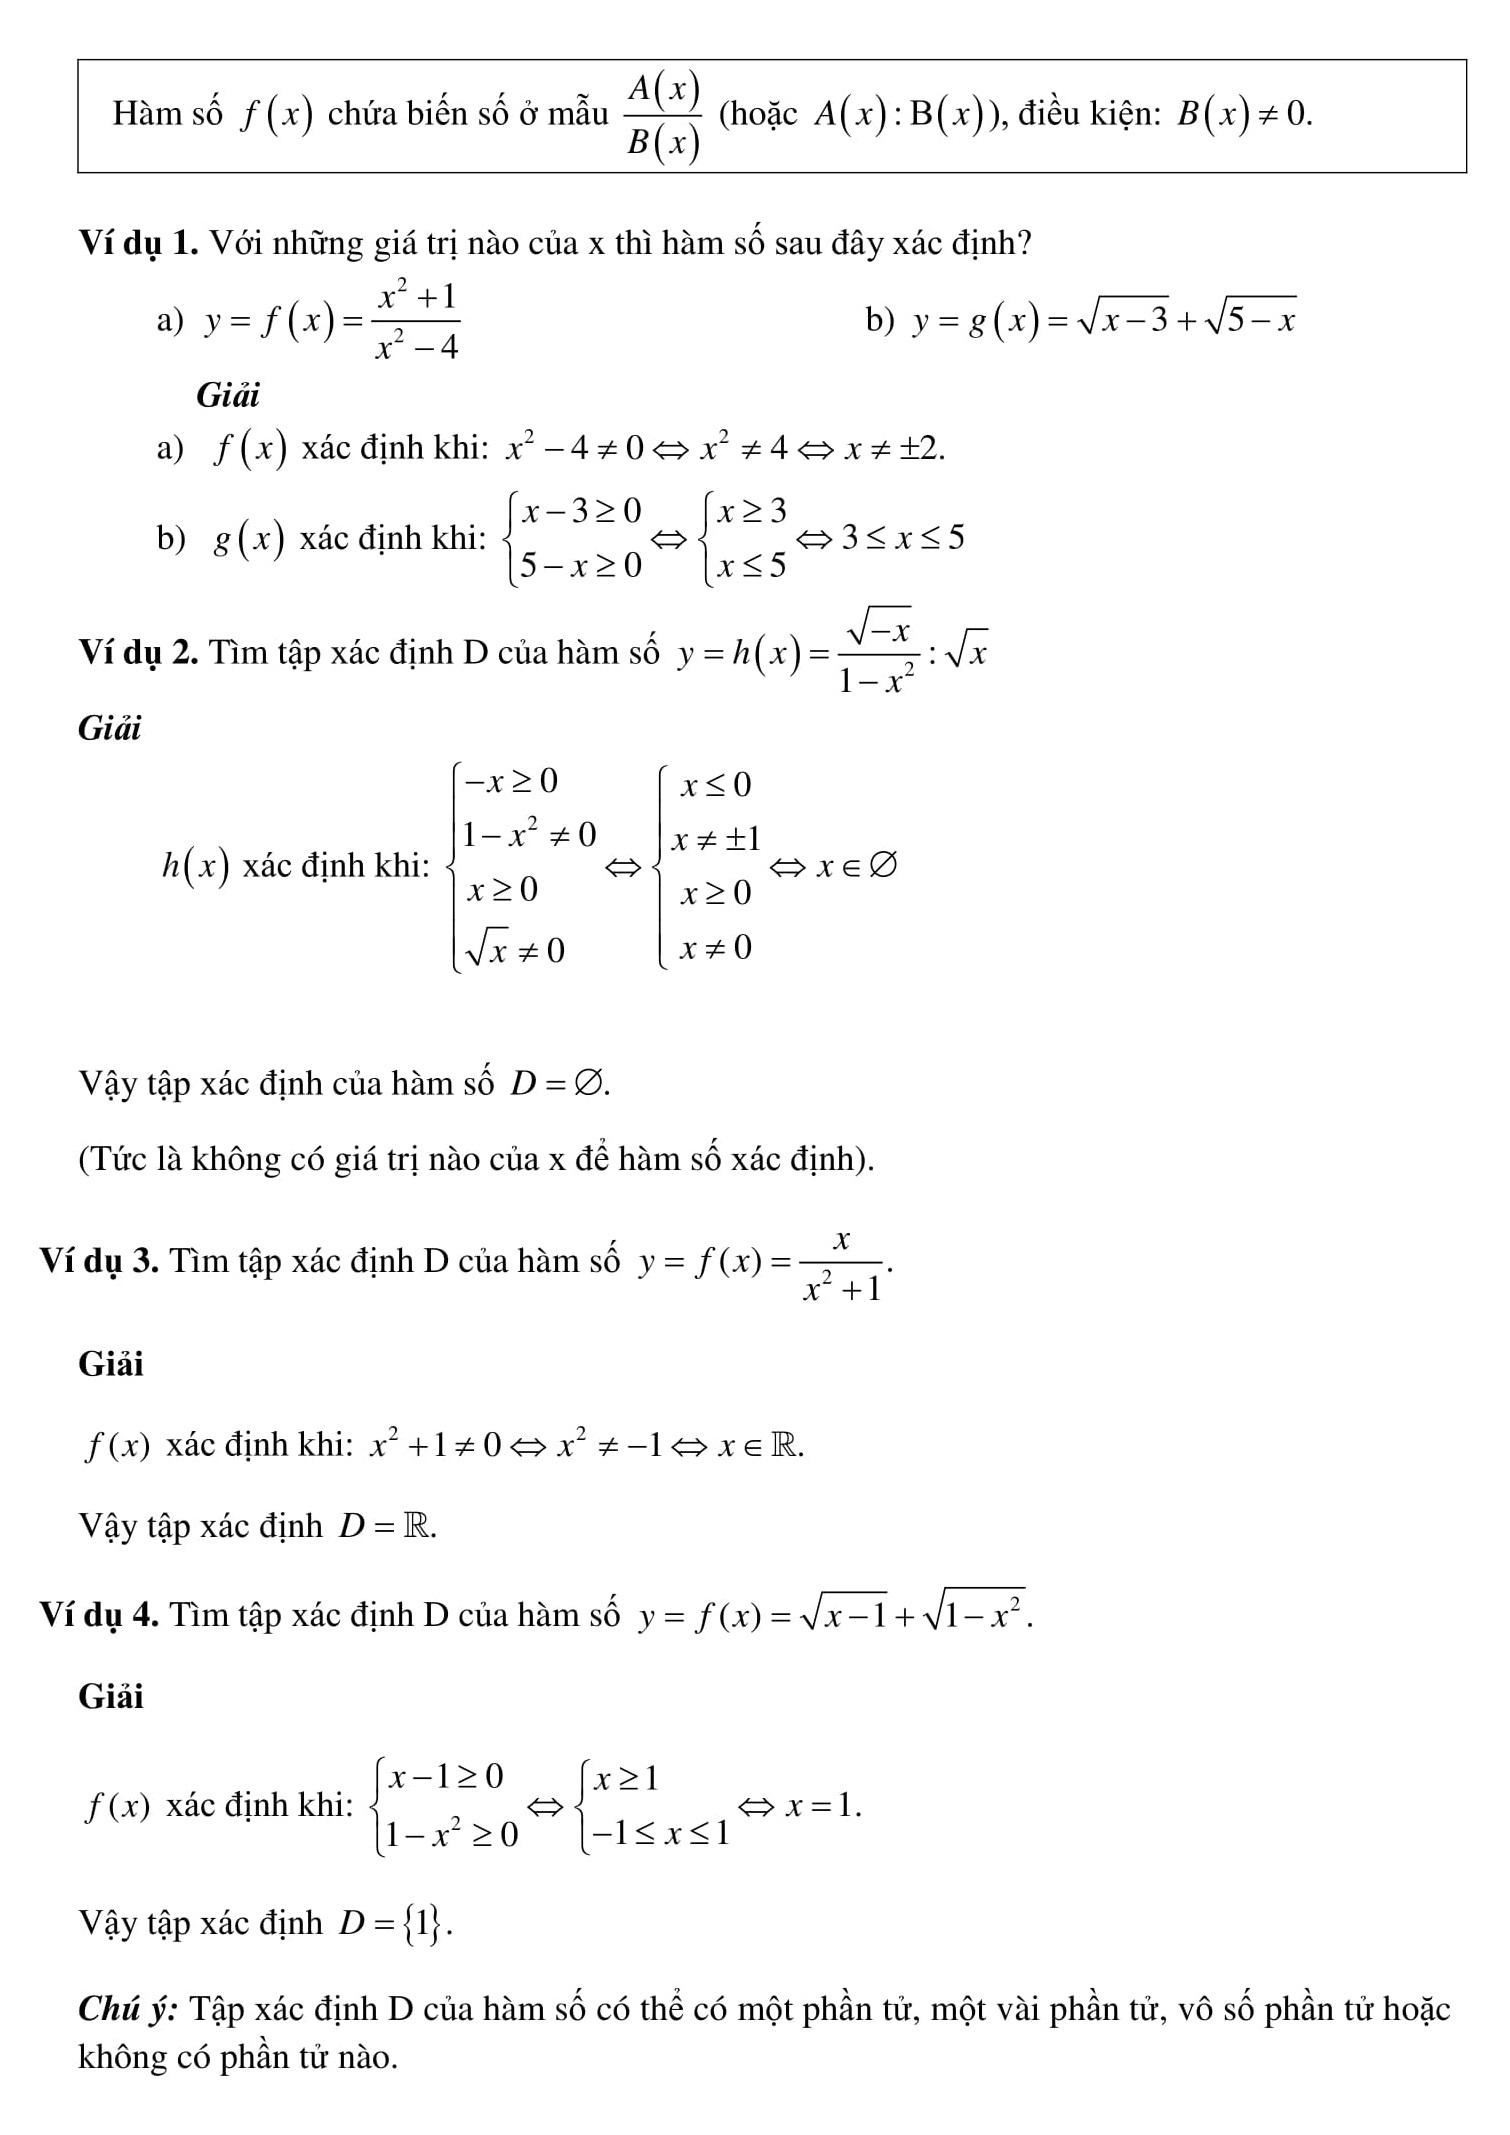 Chương 2: Hàm số bậc nhất tóm tắt và bài tập - Toán 9